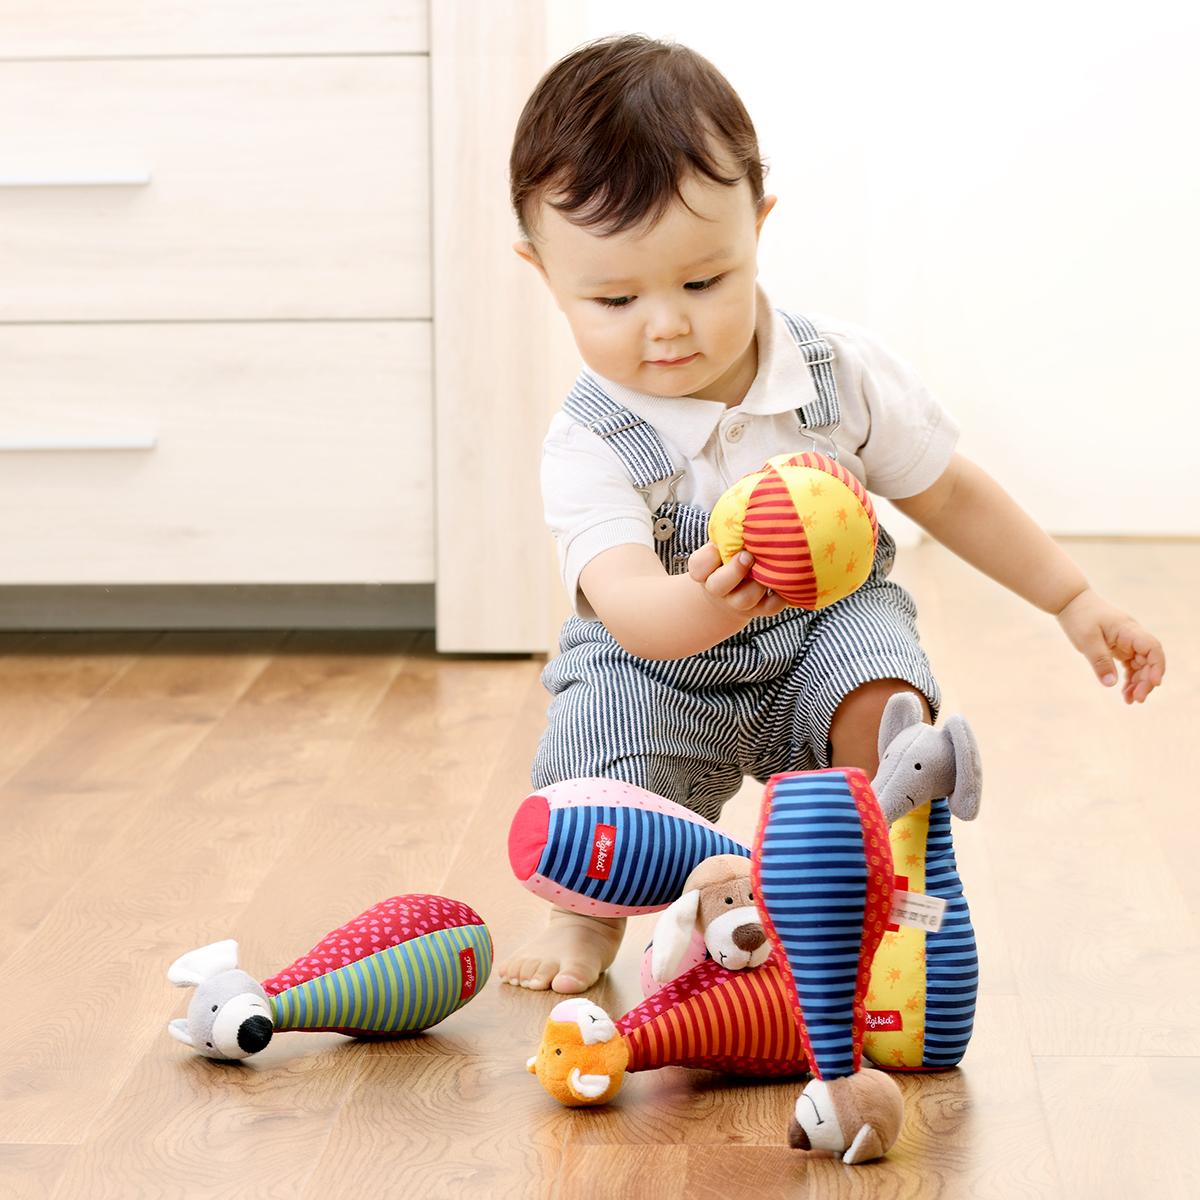 シギキットの0~6ヶ月のあそび道具で遊ぼう!【0~6ヶ月】